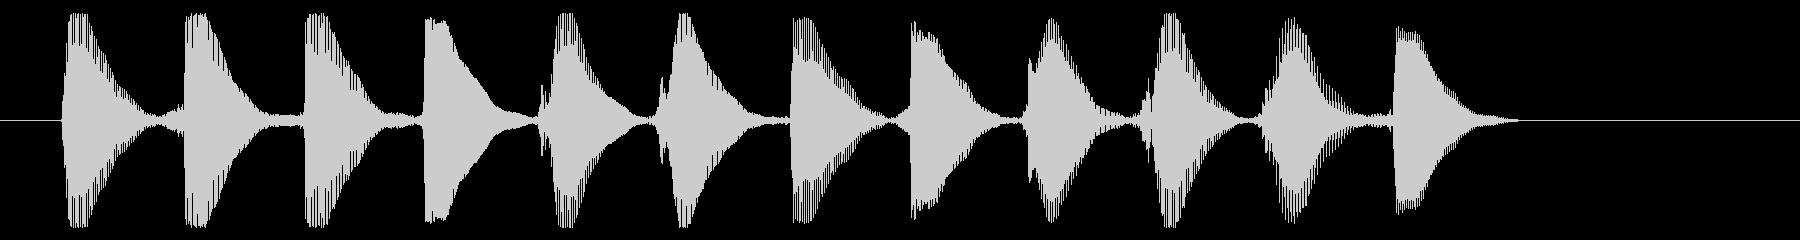 8ビット風システム音-16-3_dryの未再生の波形